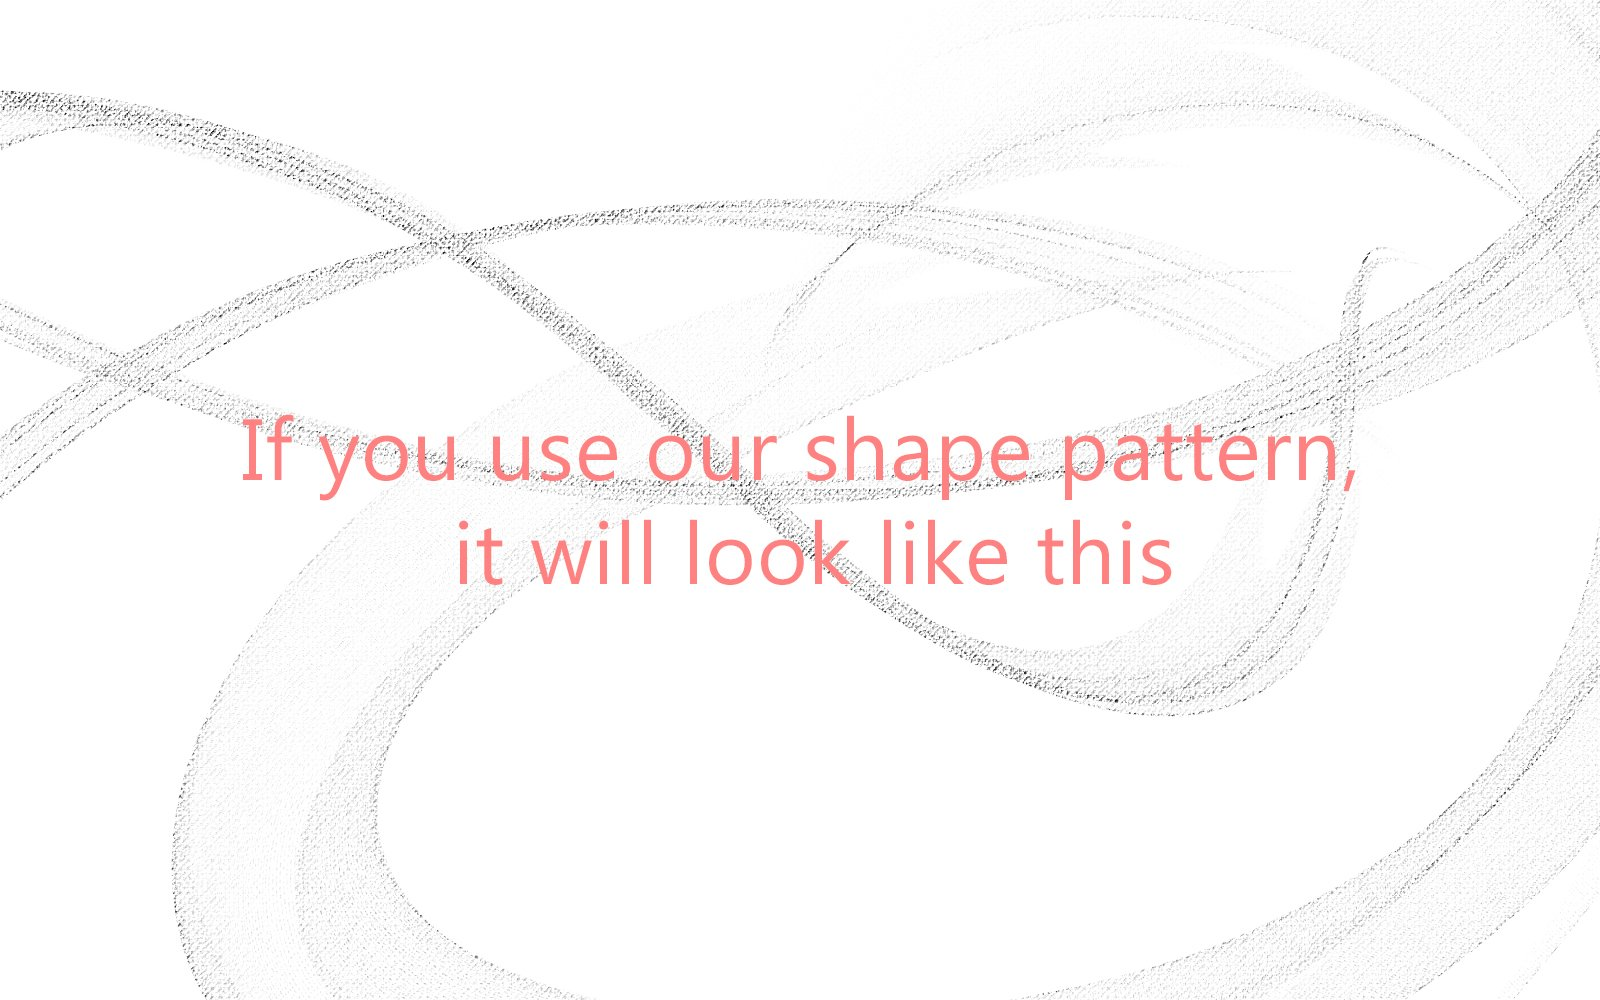 抽象科技烟雾线条装饰笔刷PNG透明图片设计素材 Abstract Brush Transparent PNG插图11